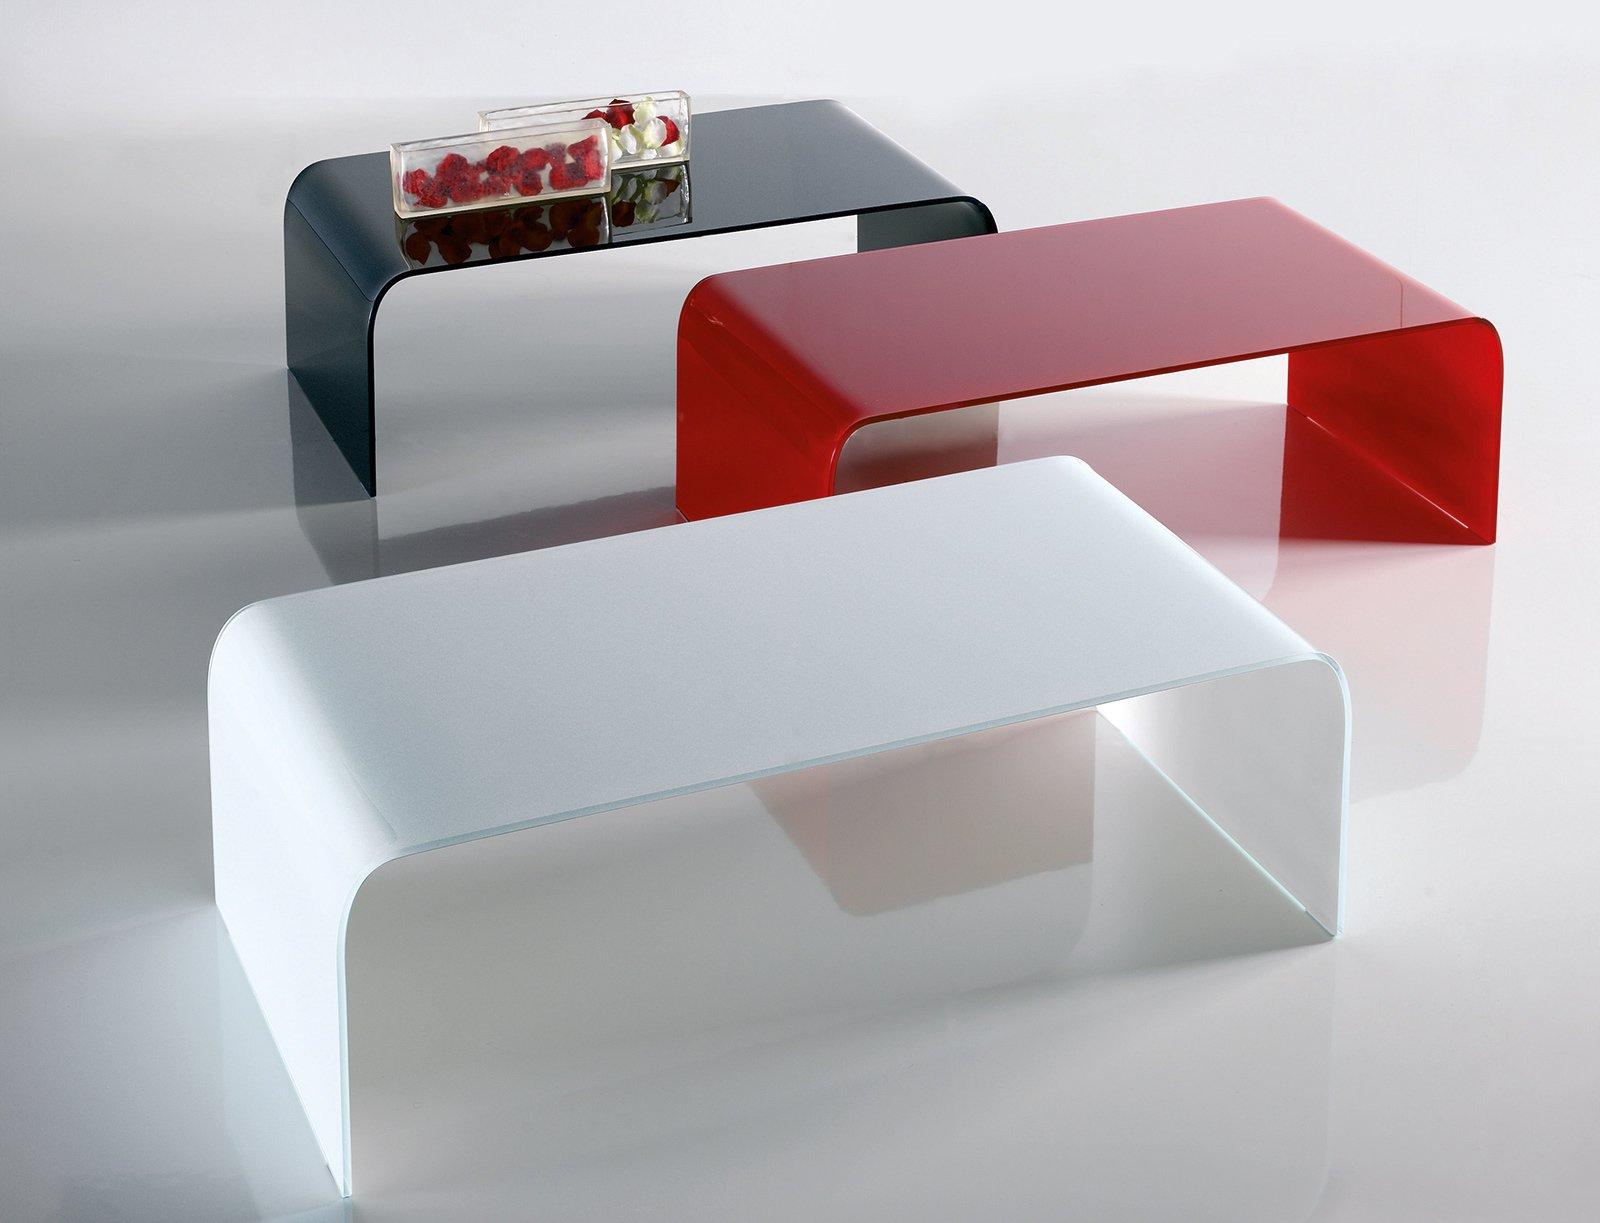 Tavolini complementi multifunzione cose di casa - Tavolini per divano ...